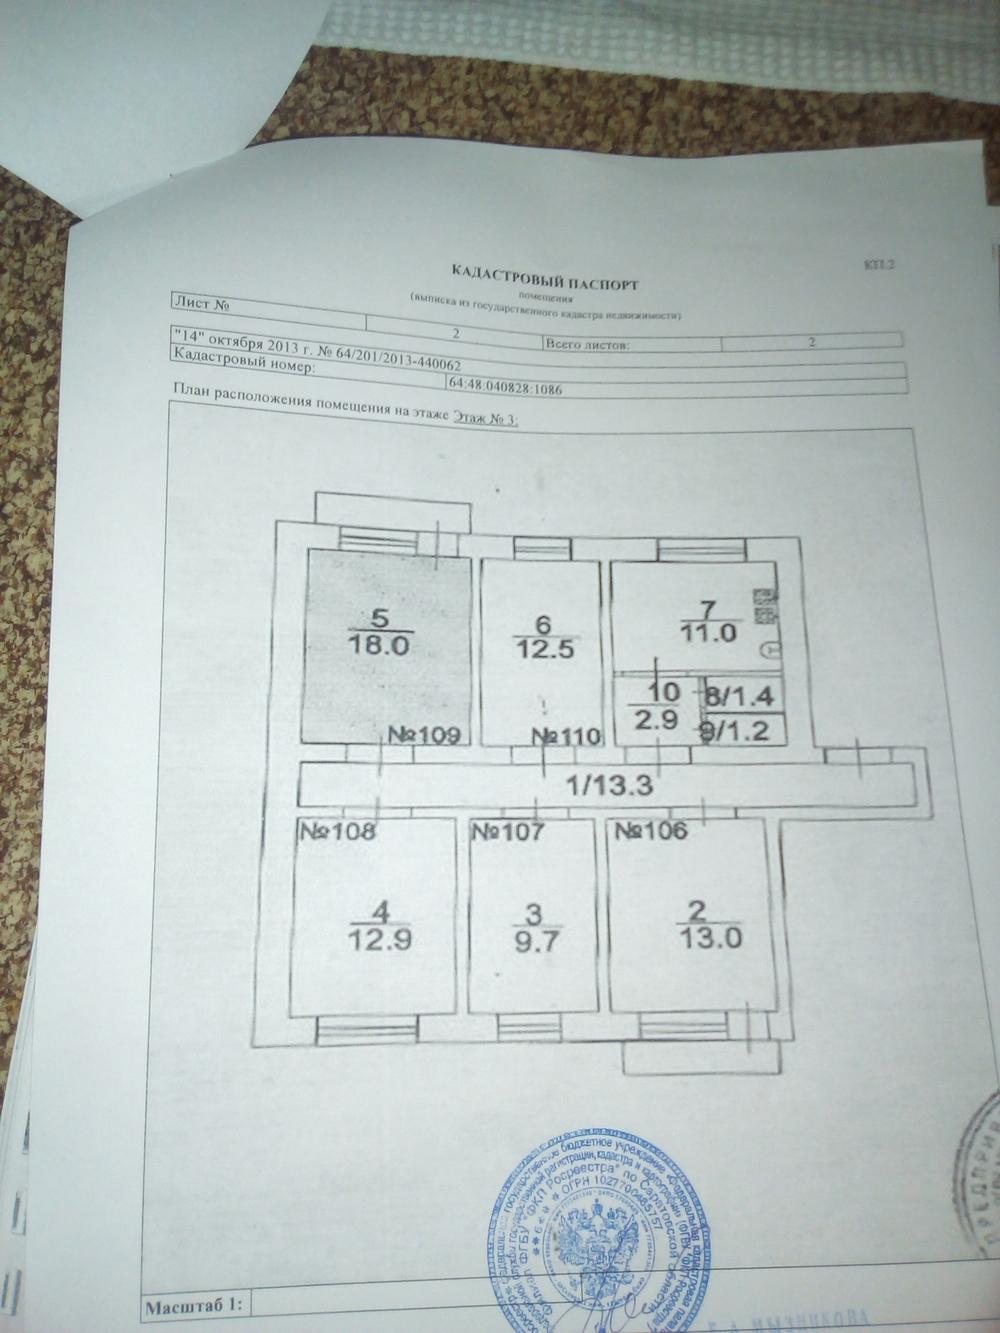 Продам 1 комнат[у,ы] в городе Саратов, на улице Вишневая, 3-этаж 5-этажного Кирпич дома, площадь: 18/18/11 м2